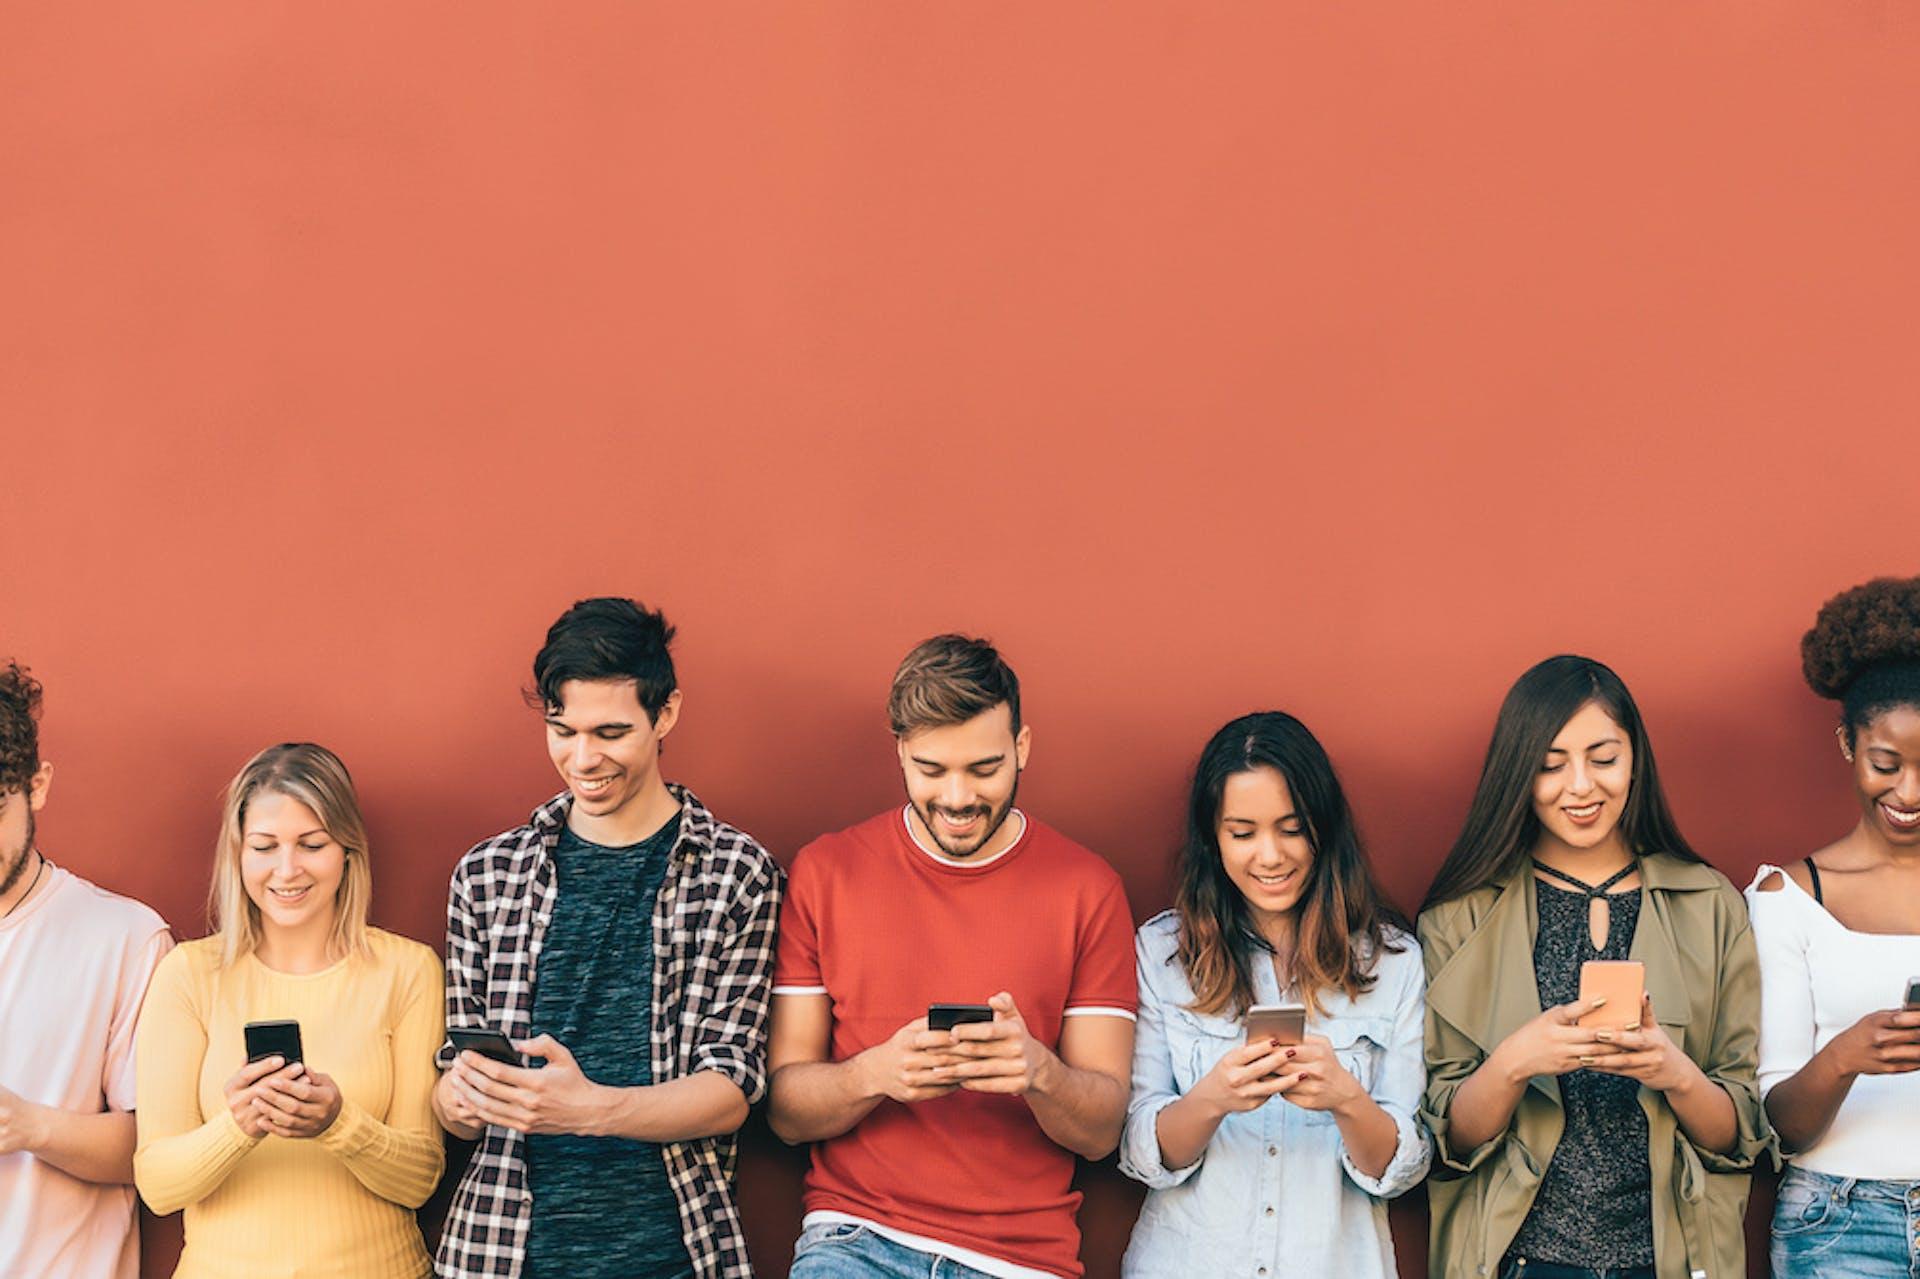 Junge Leute schauen fröhlich auf ihr Handy während sie an einer orangen Wand lehnen